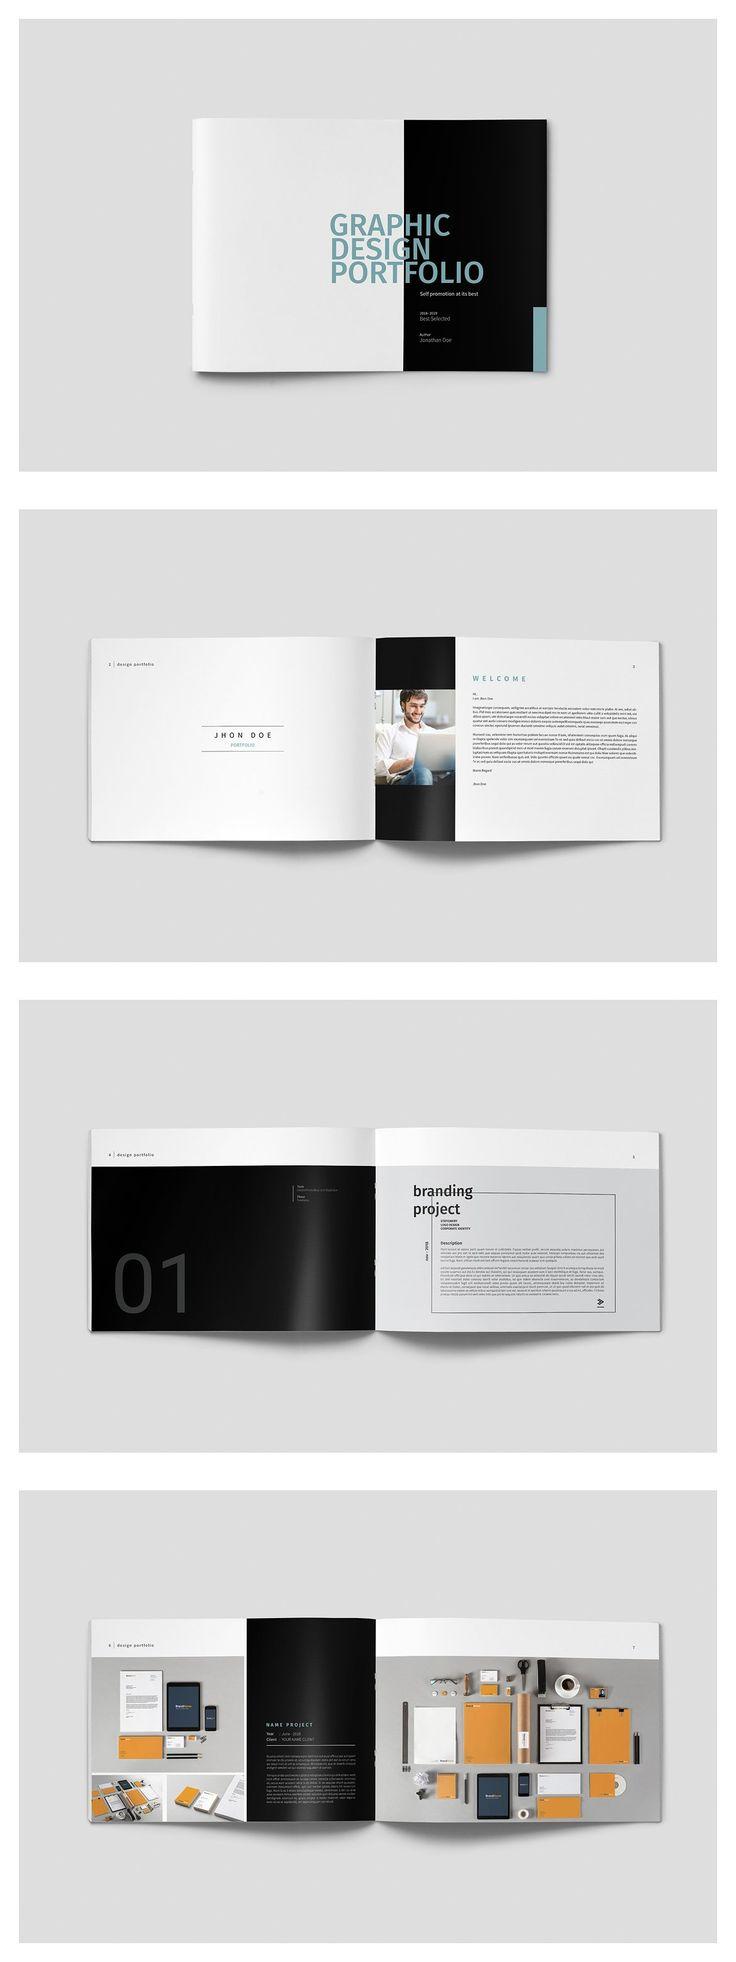 Graphic design portfolio template #graphicdesign #portfolio.